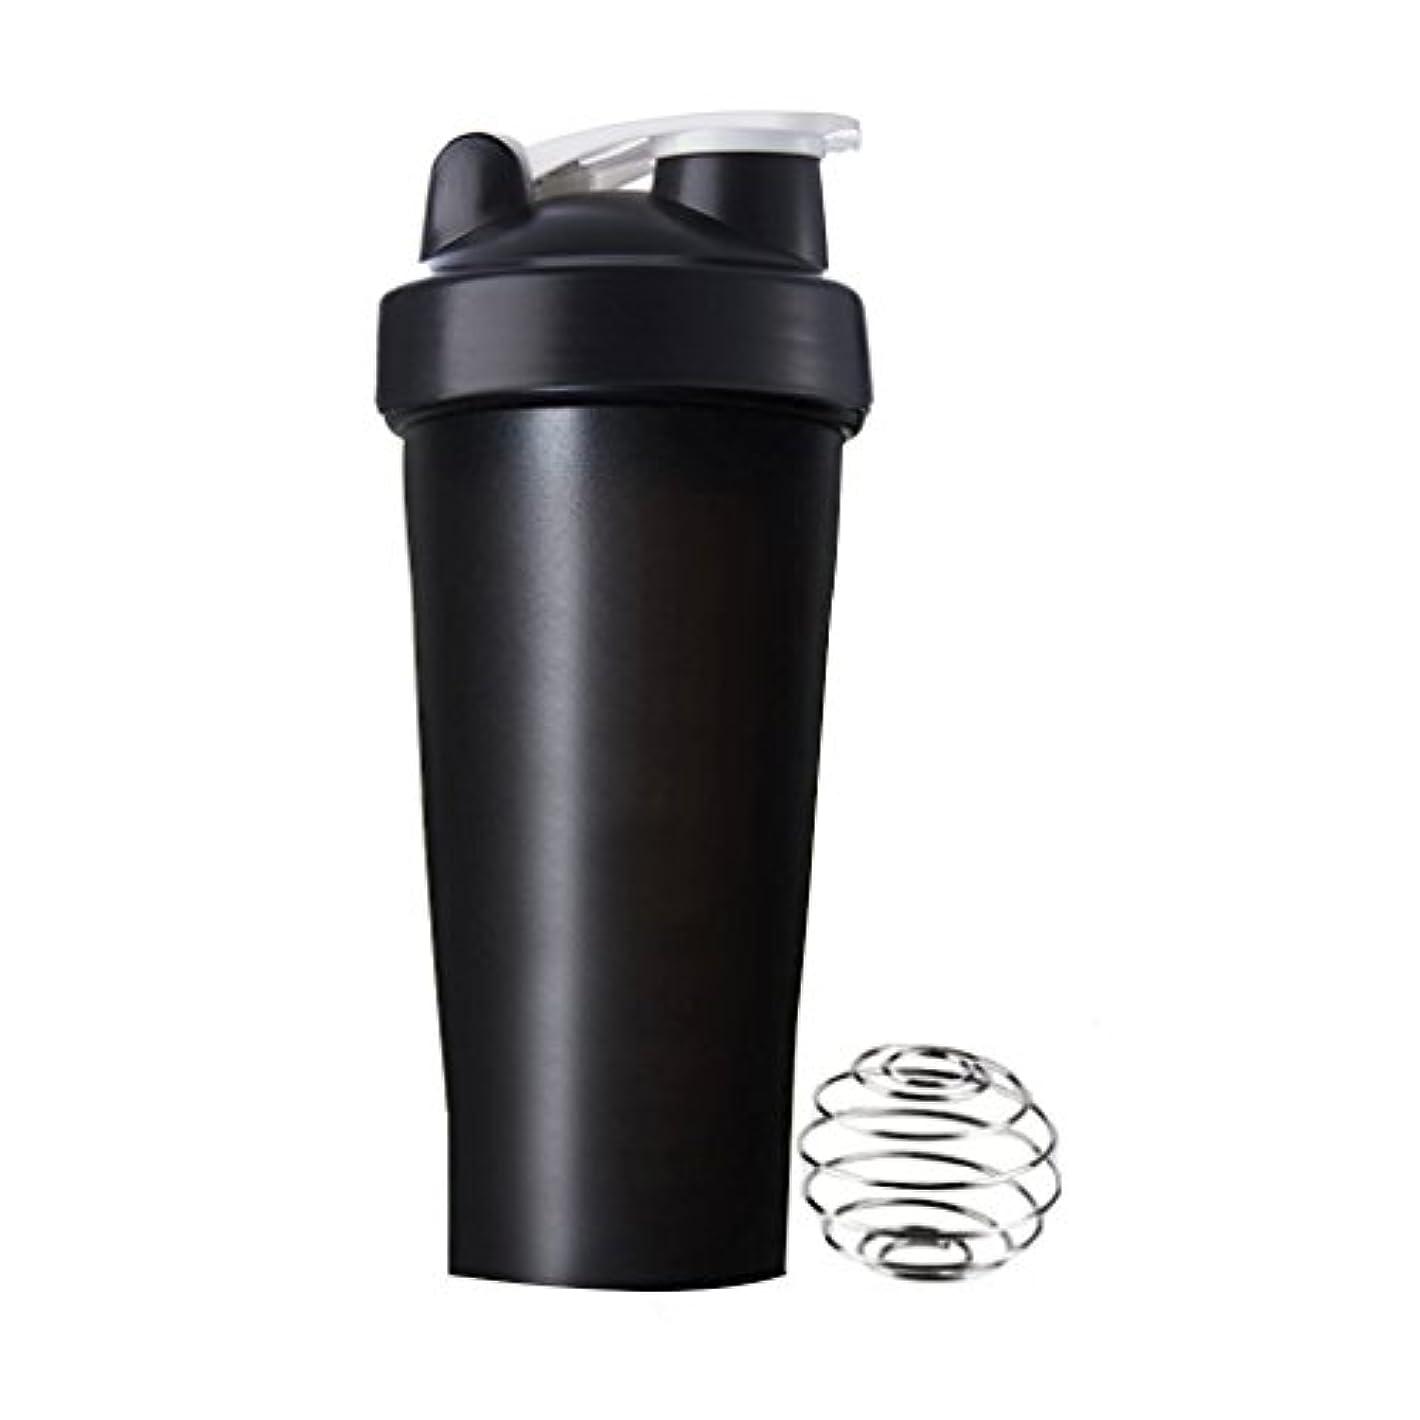 休憩スチュワードコスチュームSports Pro プロテインシェイカー 600ml シェーカーボトル (ブラック)